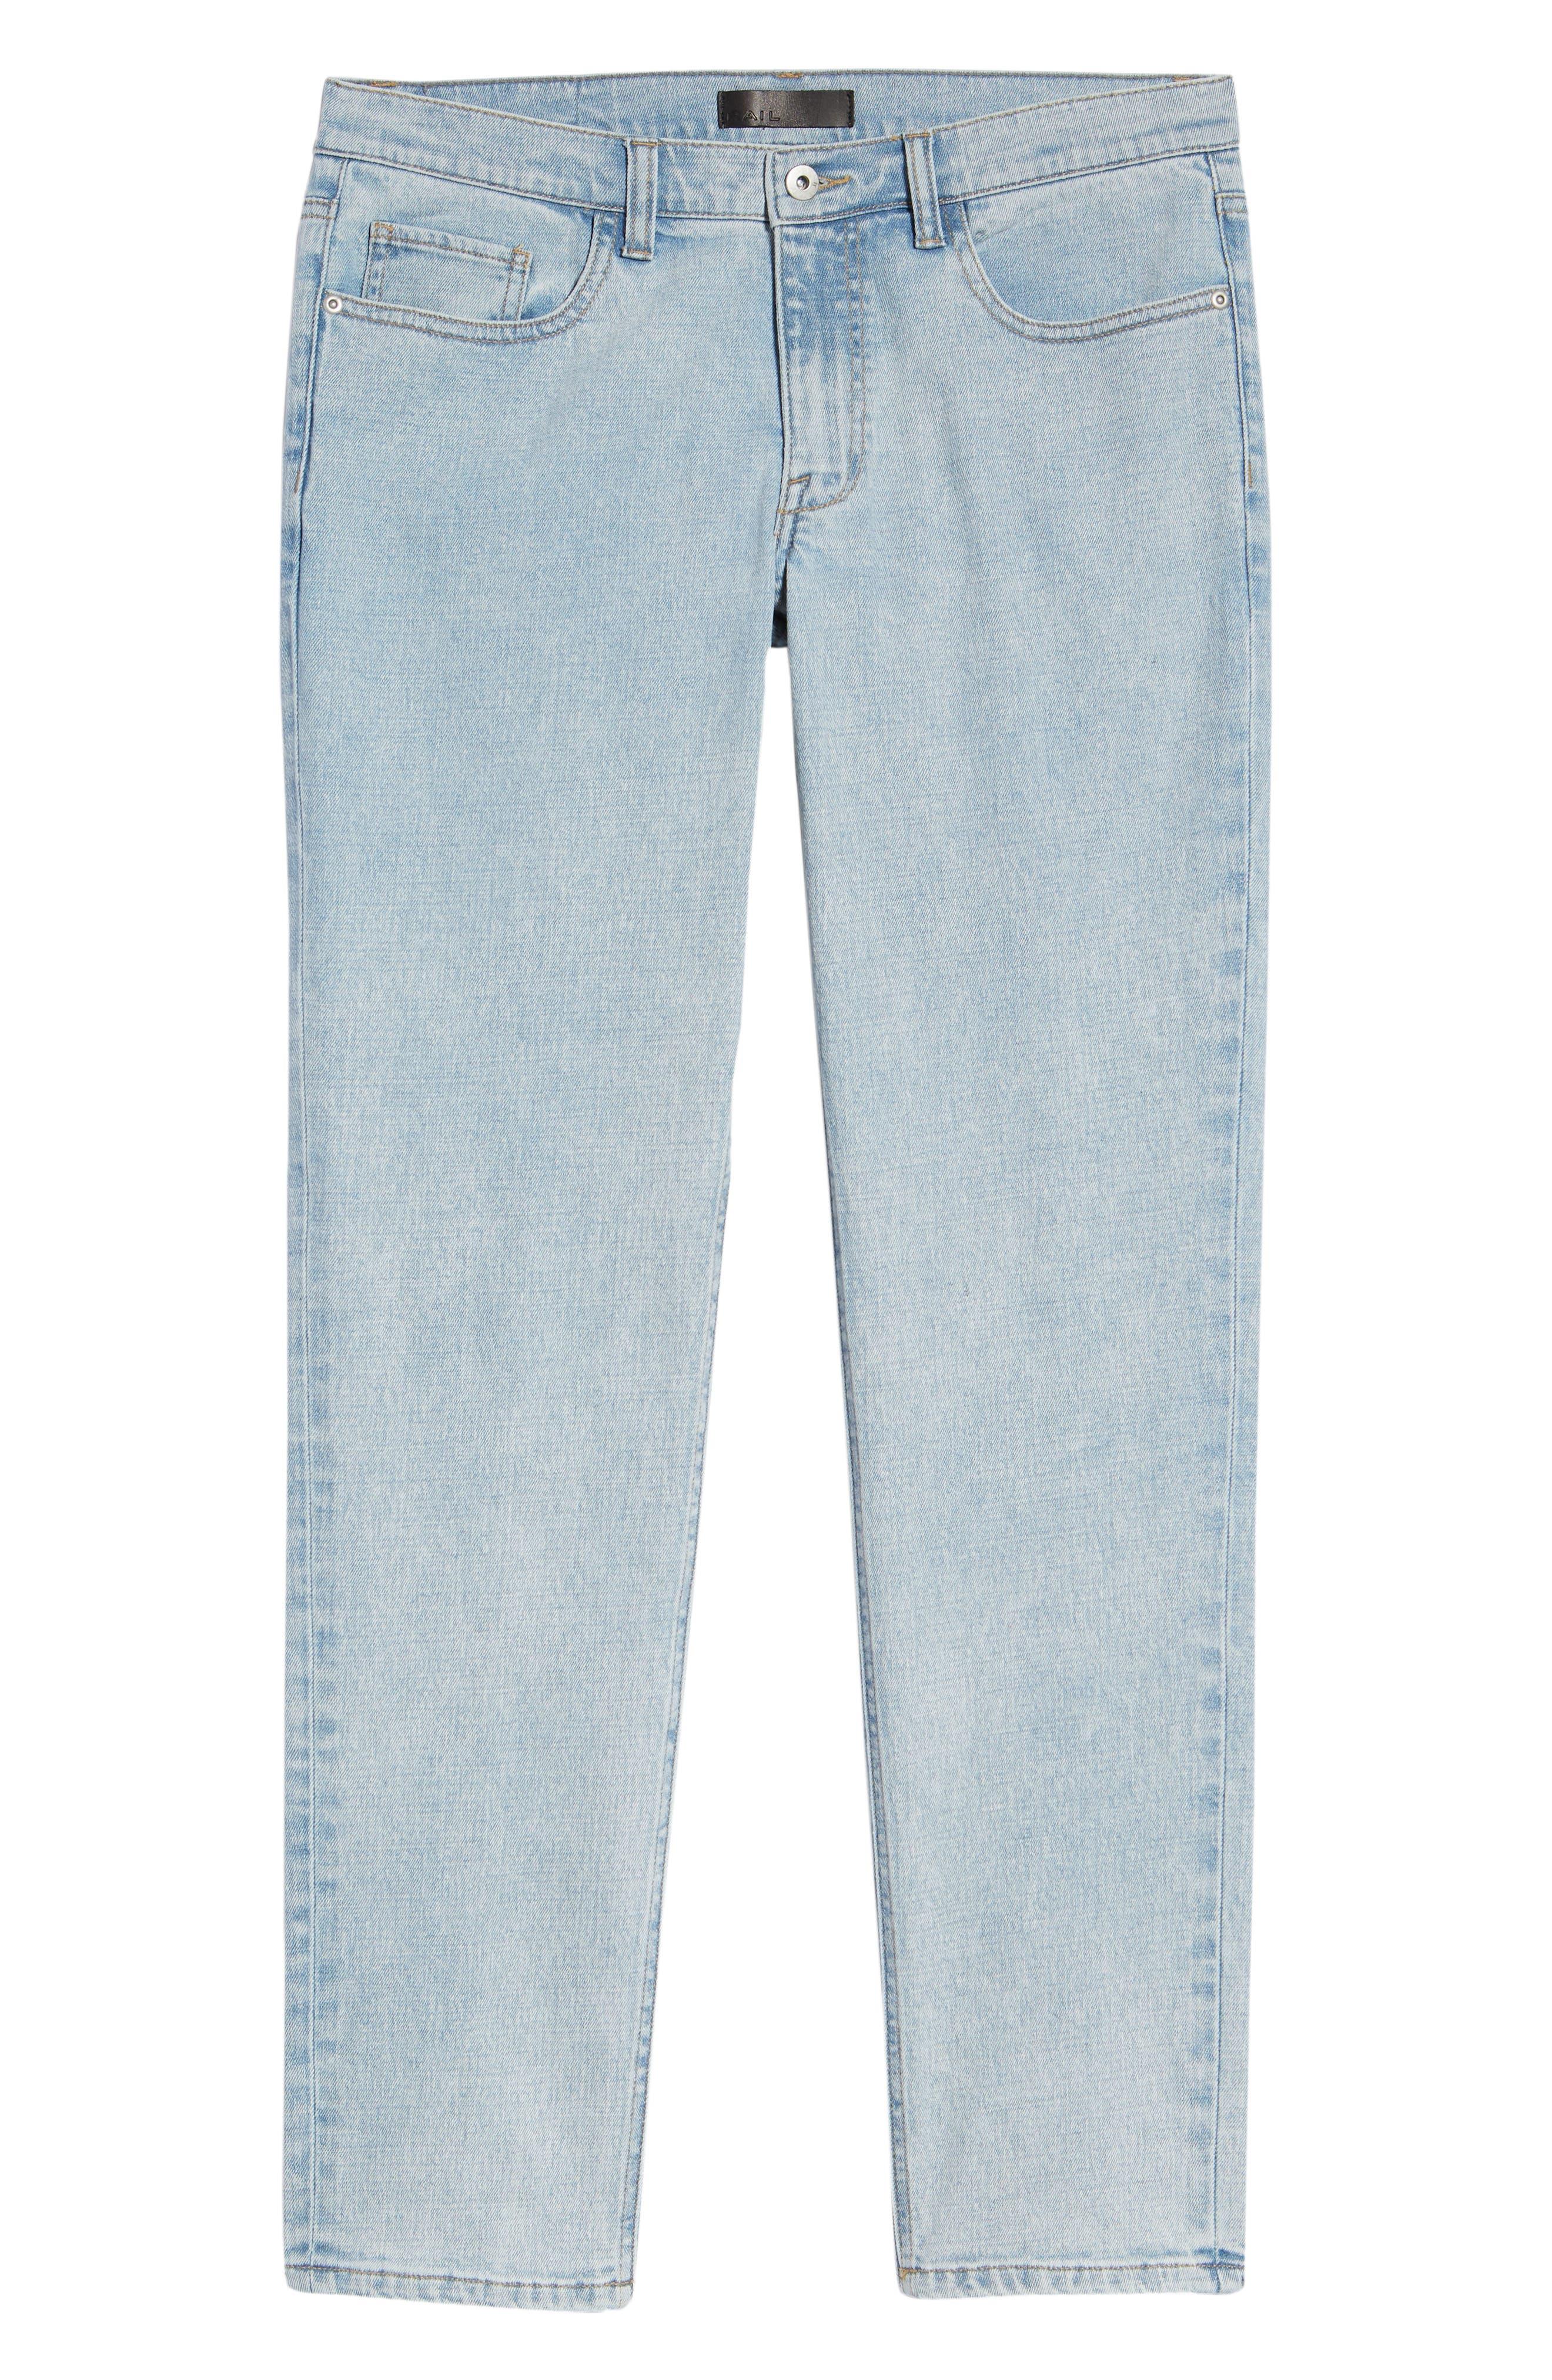 Acid Wash Stretch Slim Leg Jeans,                             Alternate thumbnail 6, color,                             BLUE VEDDER WASH